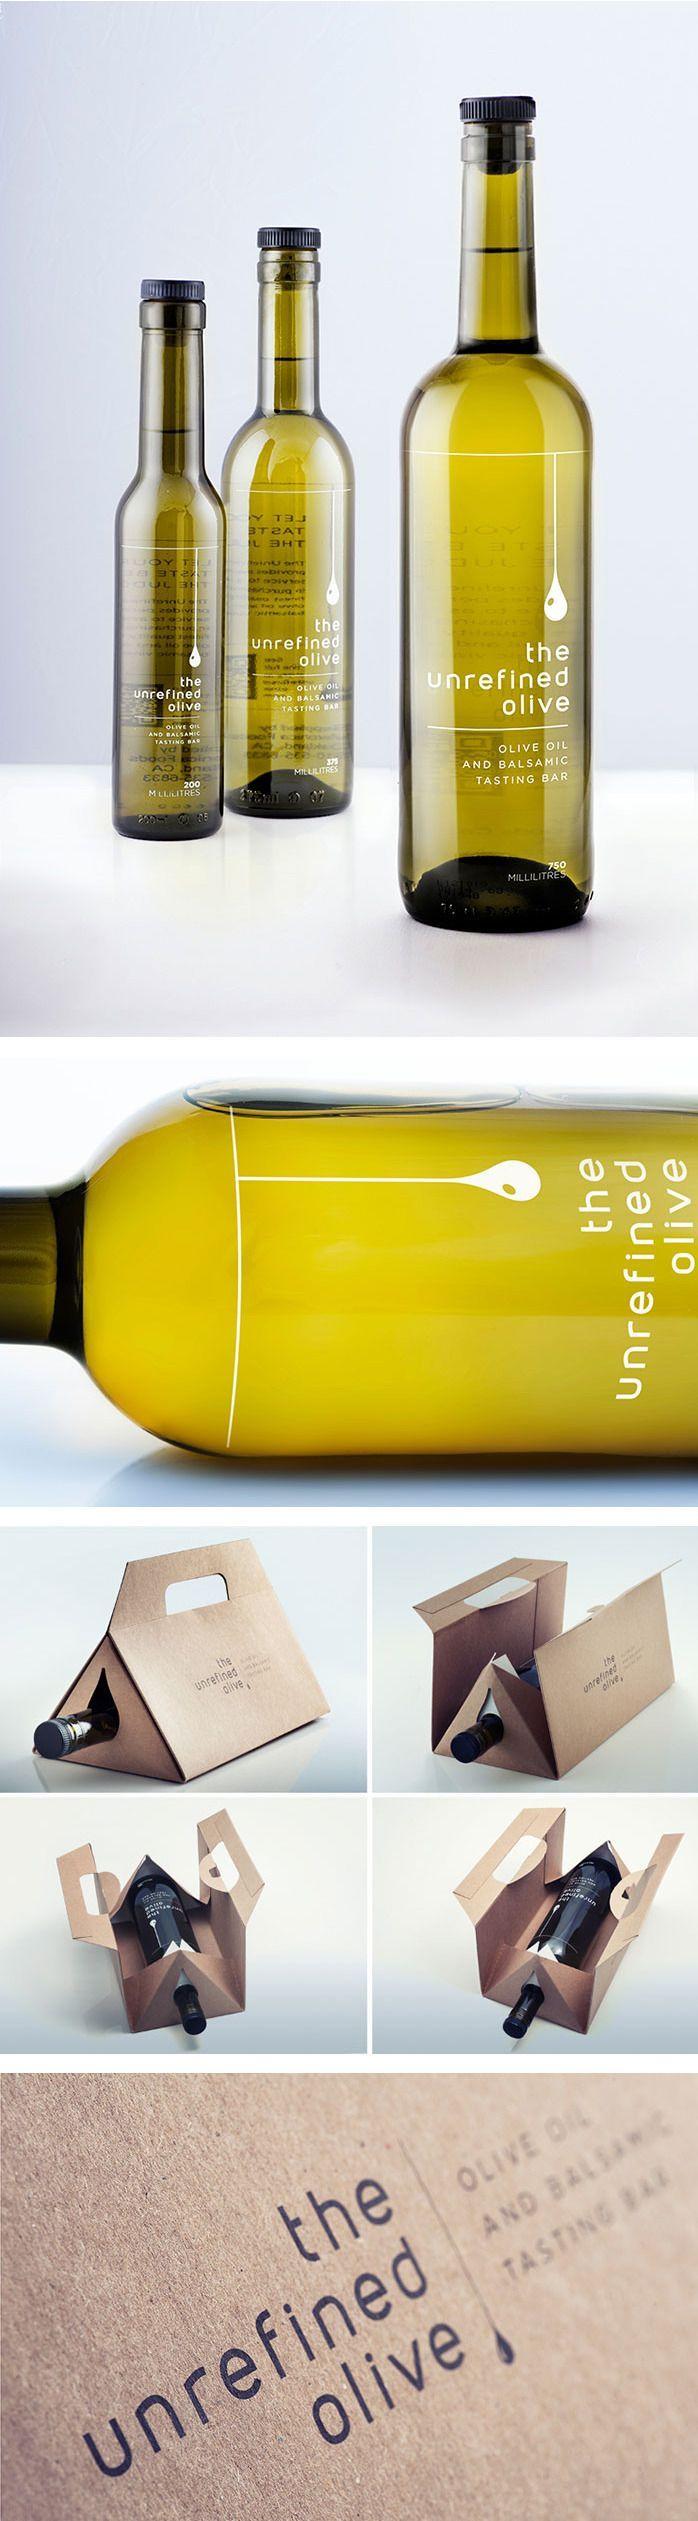 » Snygg förpackningsdesign - CAP&Design - Nordens största tidning för kreativa formgivare